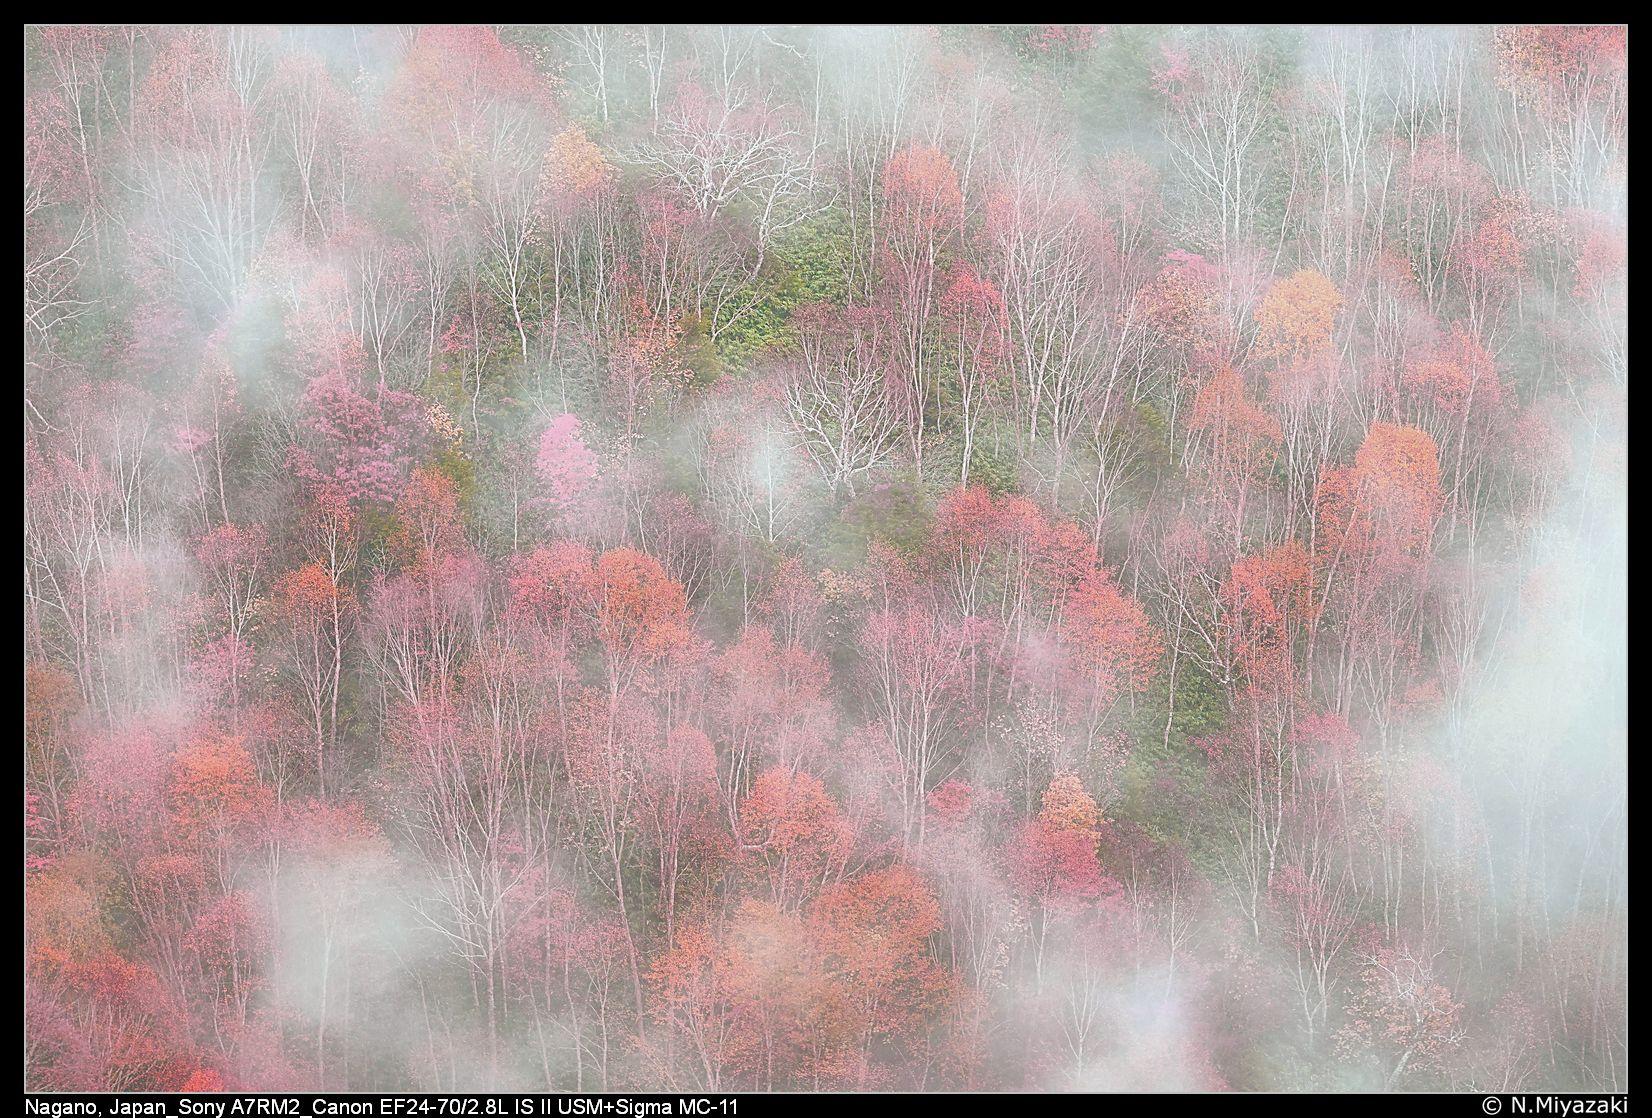 志賀高原, Shiga-Kogen, Japan